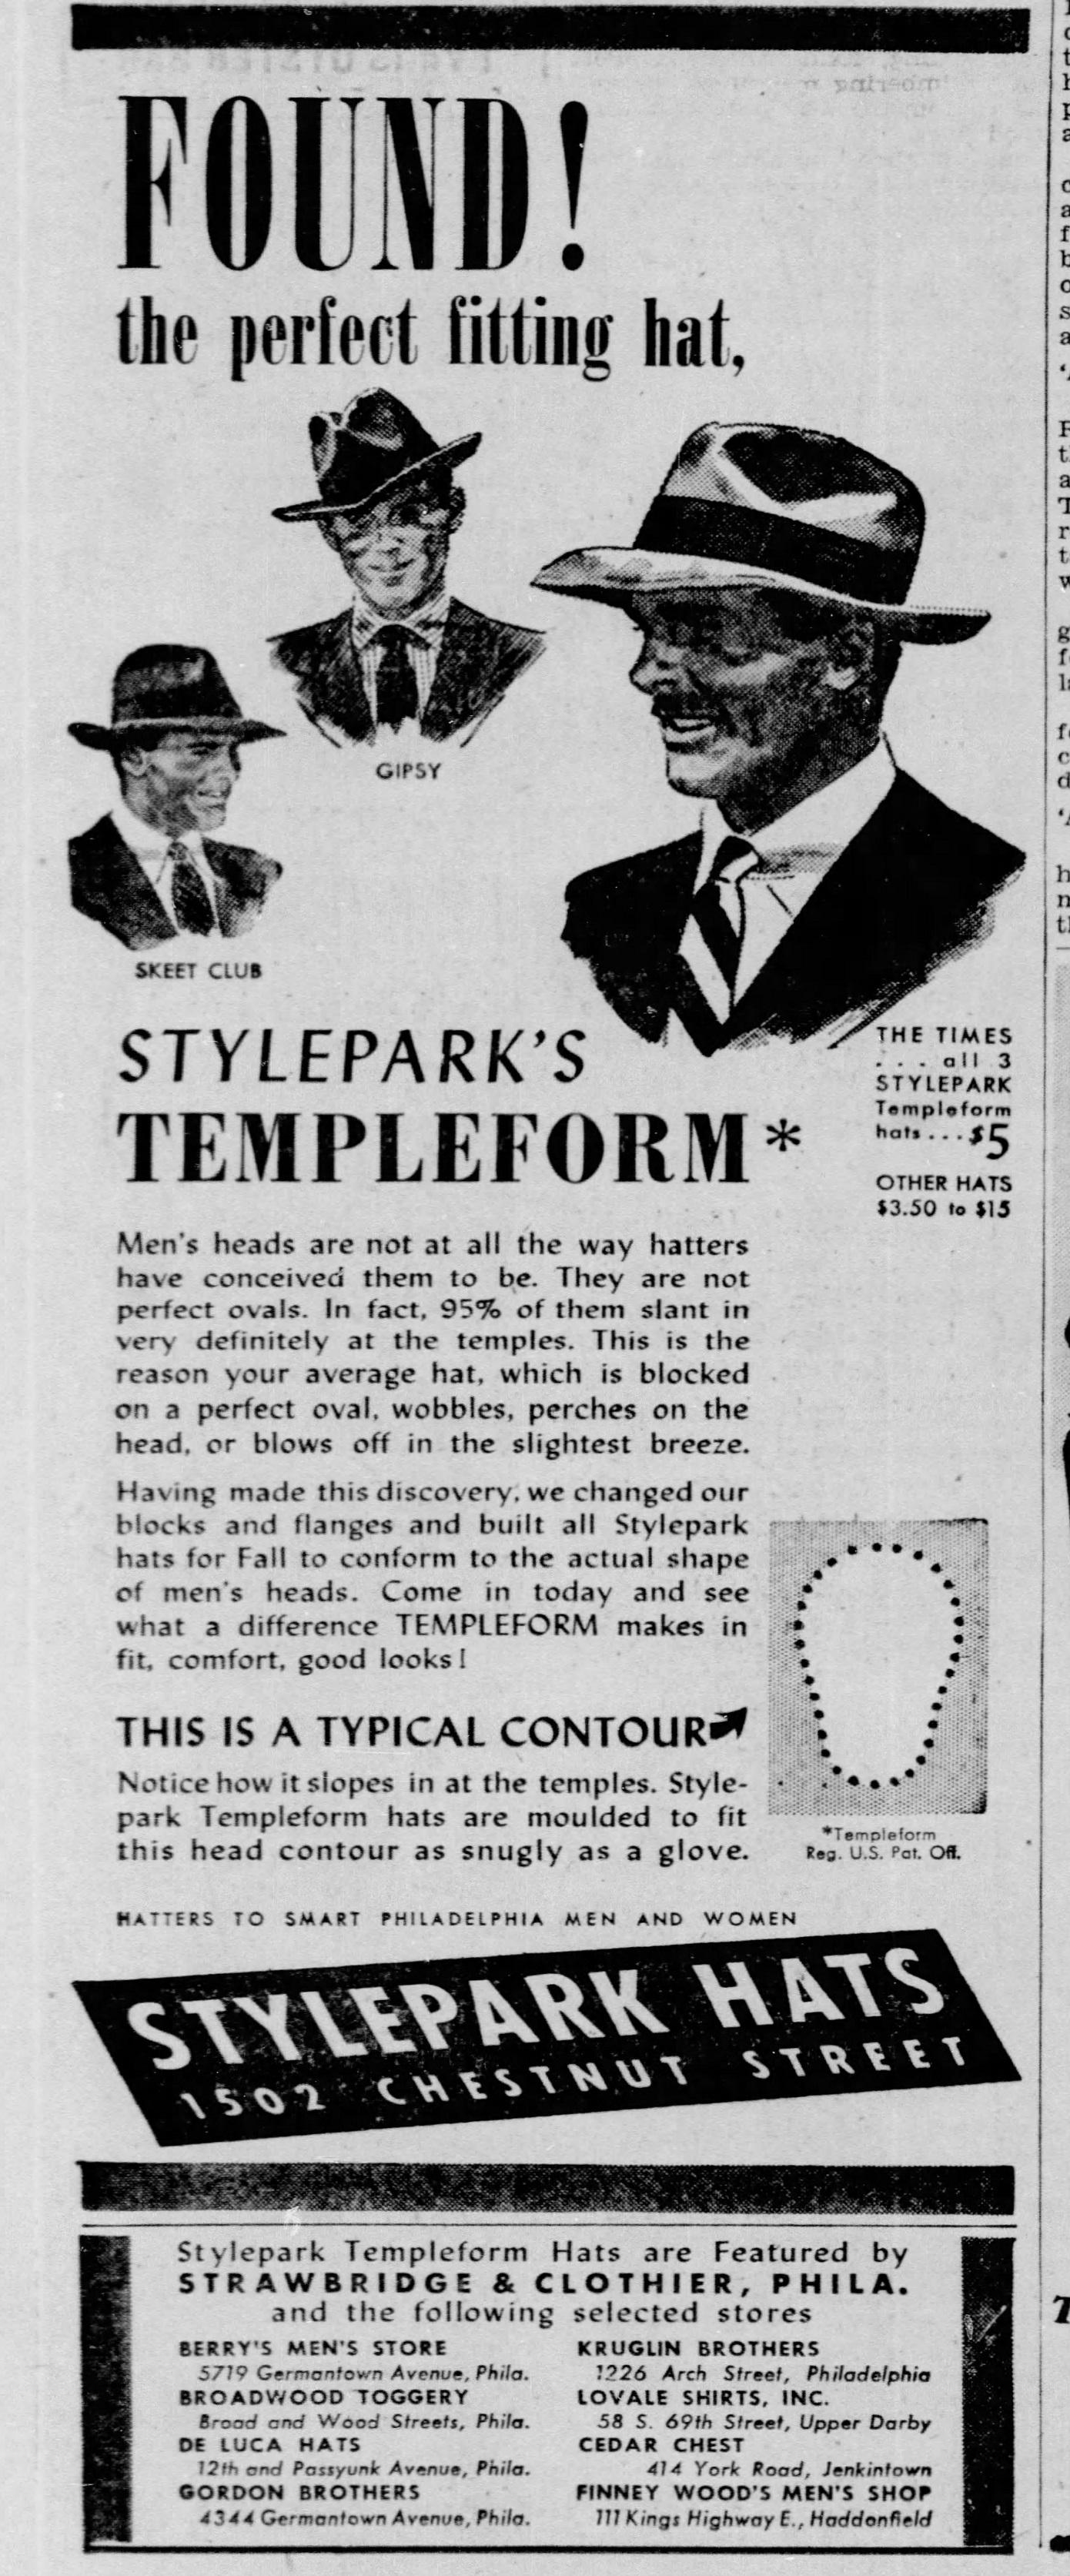 The_Philadelphia_Inquirer_Fri__Sep_6__1940_.jpg